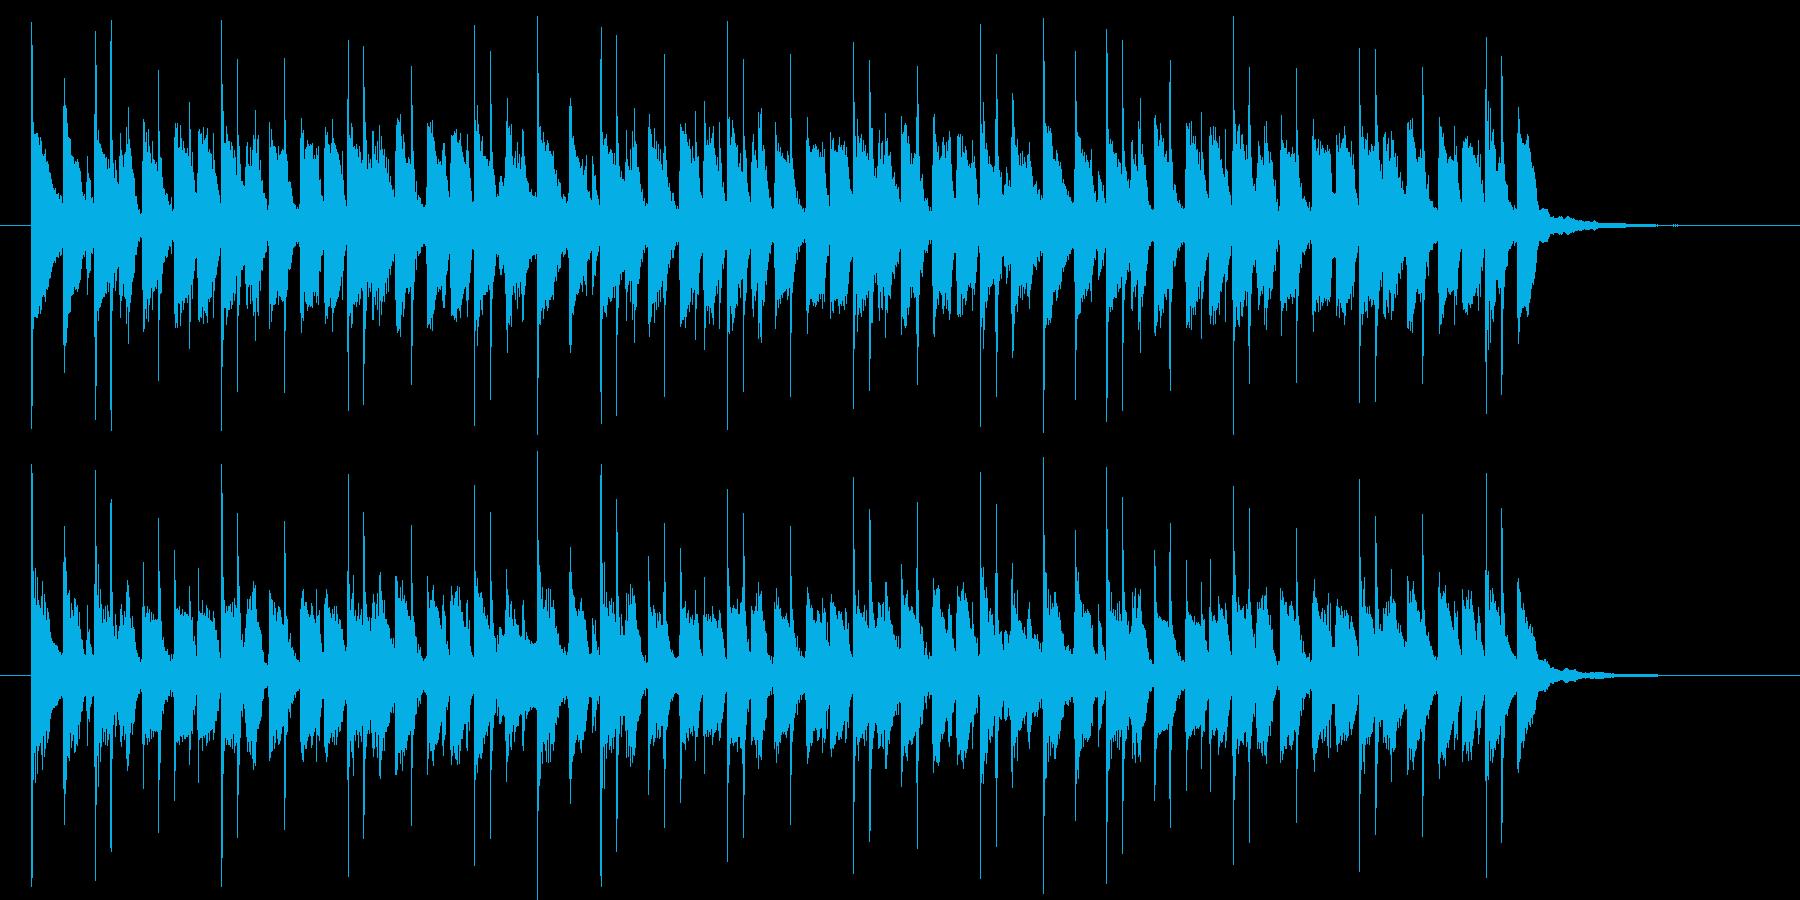 映像音楽等に。ワクワクするピアノポップの再生済みの波形